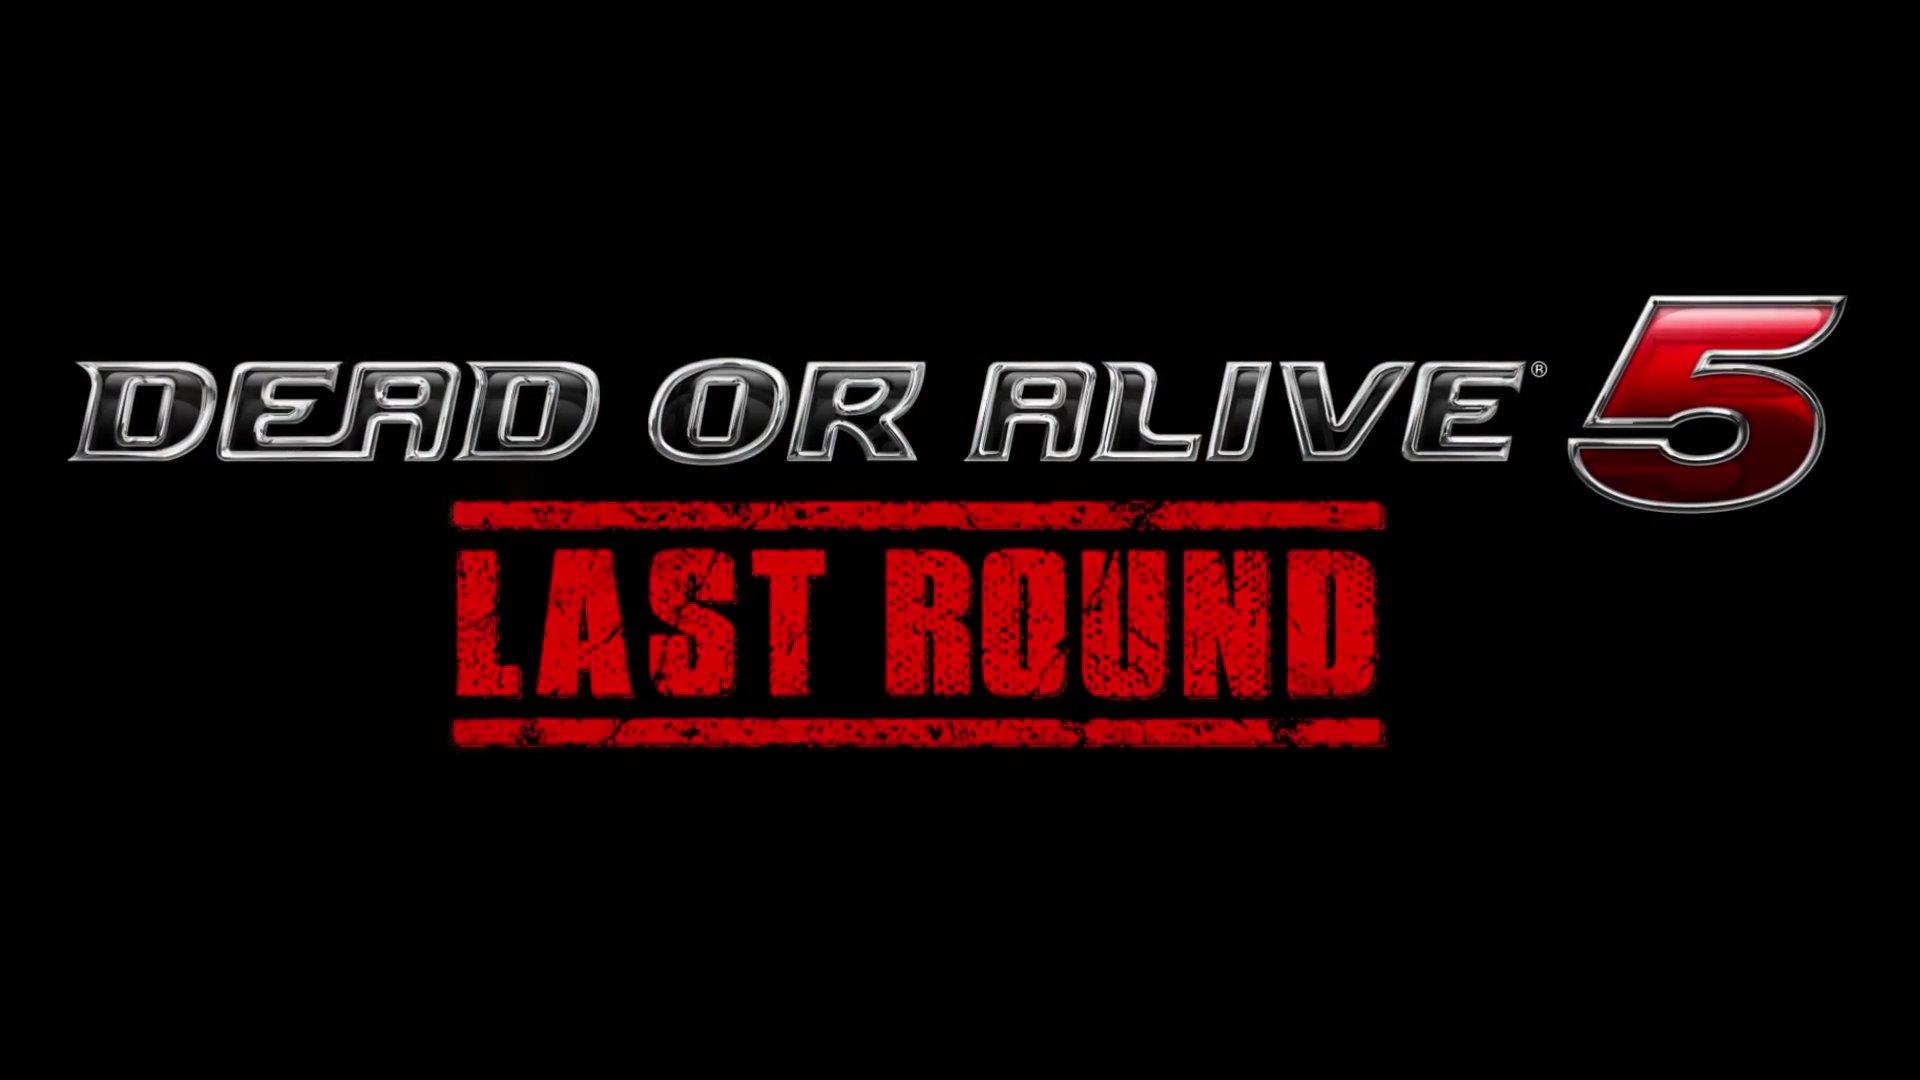 Dead Or Alive 5 Last Round Wallpaper 17